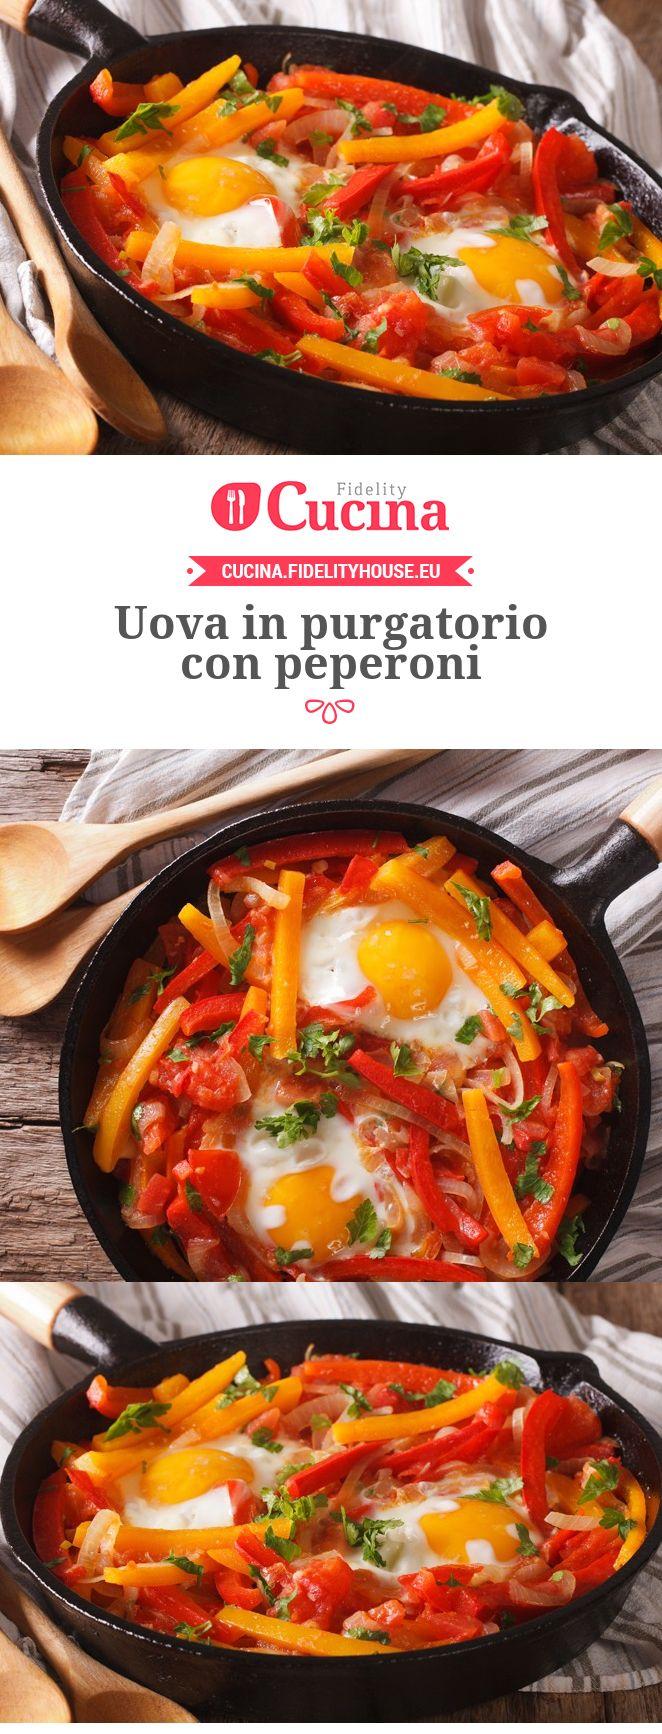 Uova in purgatorio con peperoni